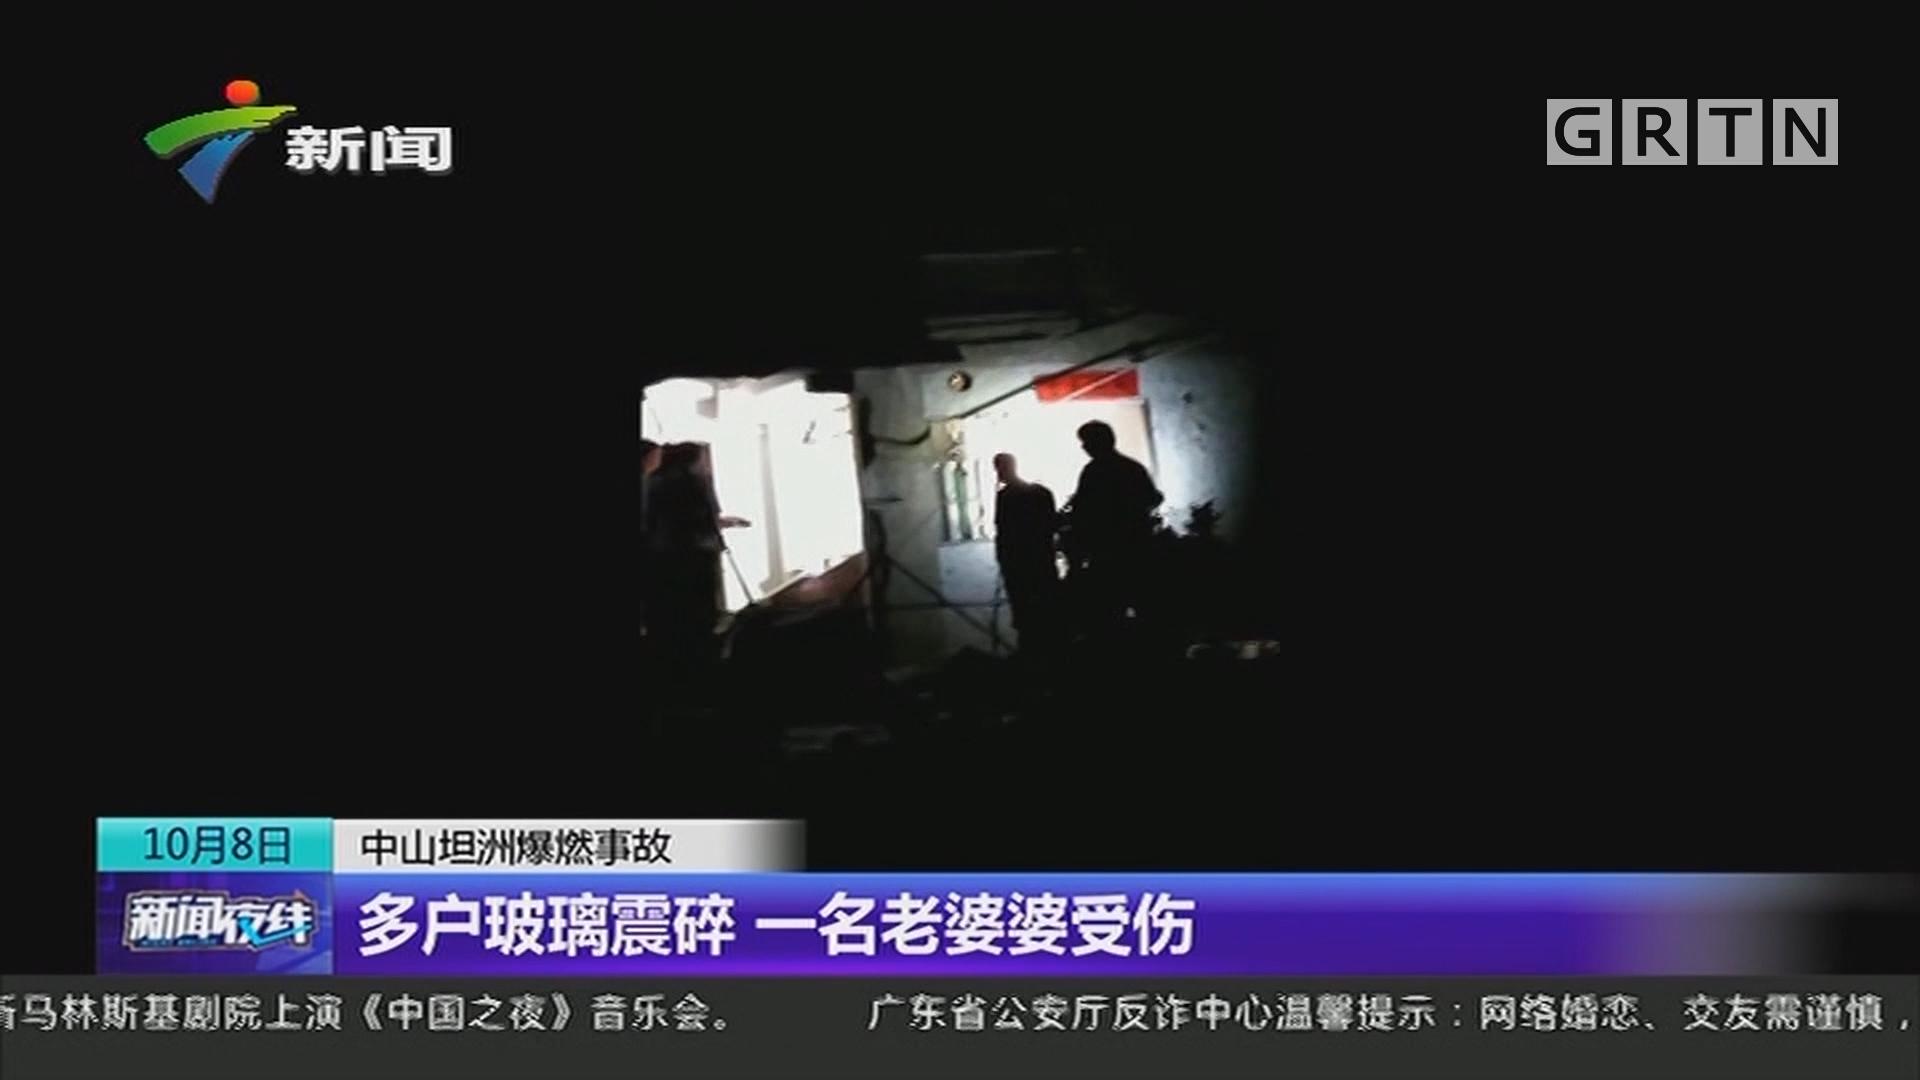 中山坦洲爆燃事故 多户玻璃震碎 一名老婆婆受伤